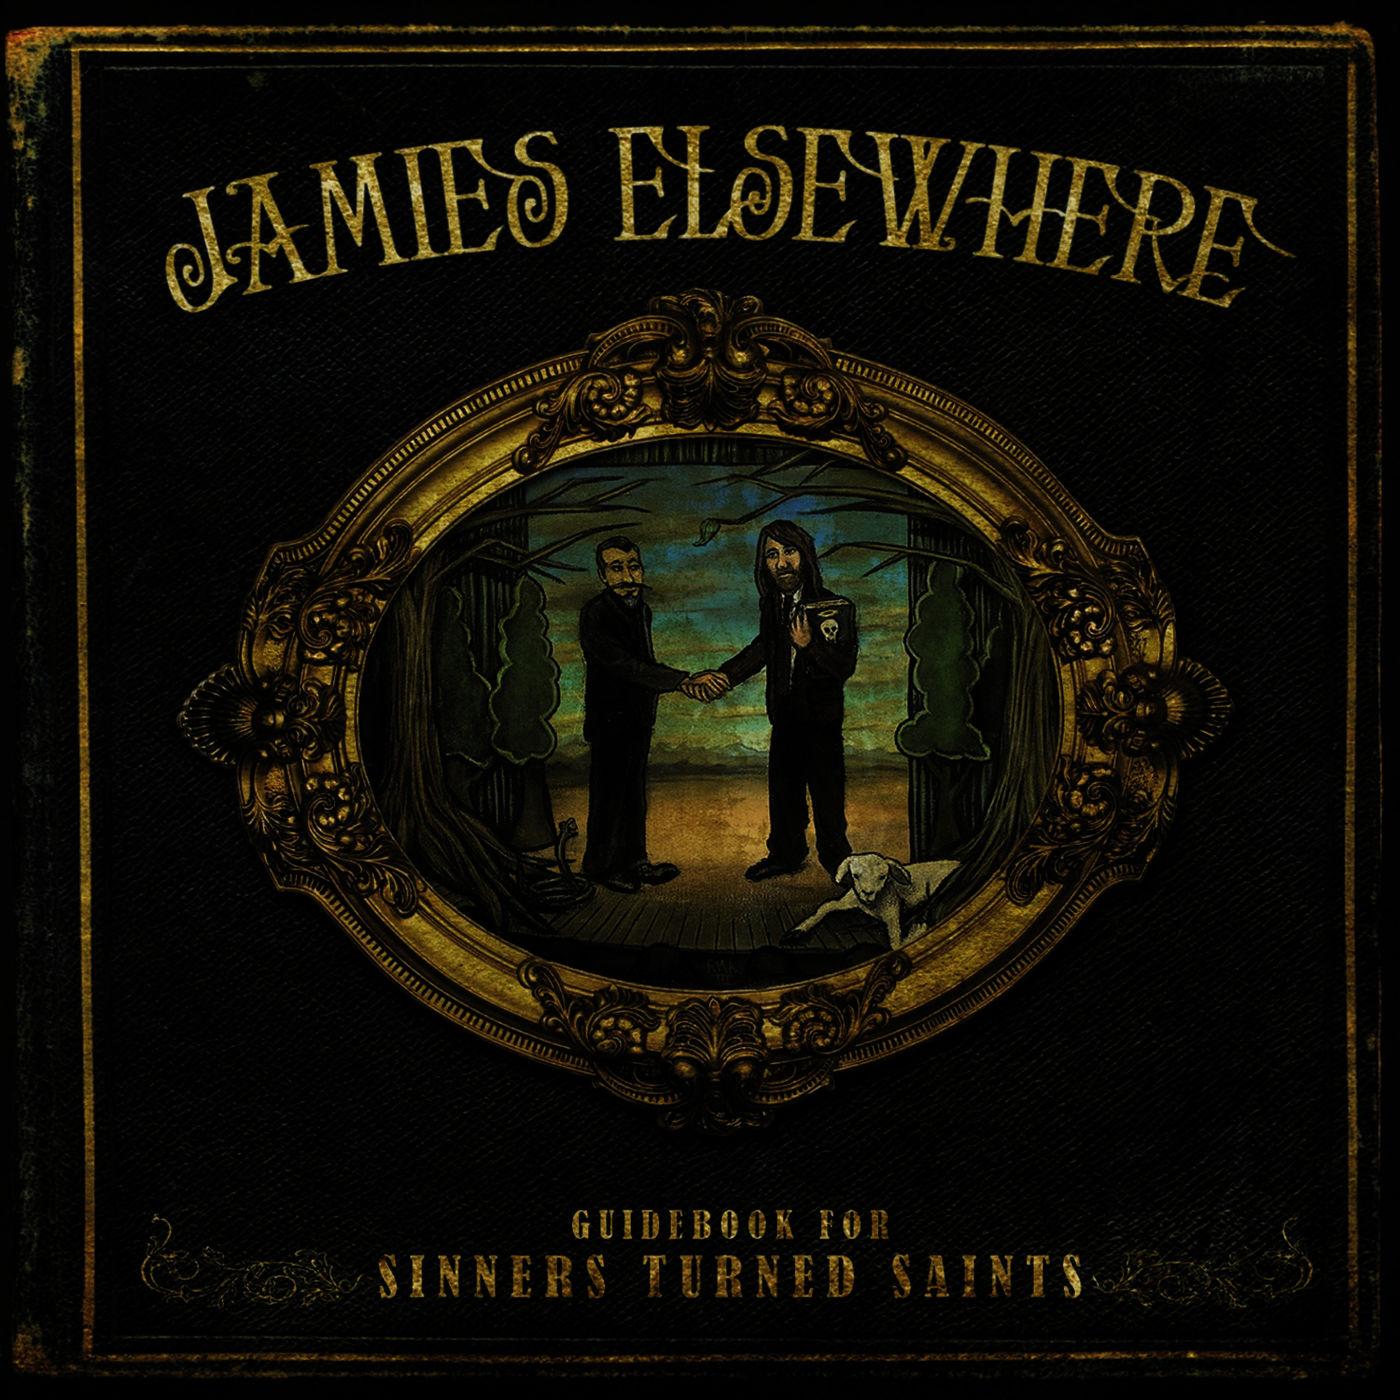 Jamie's Elsewhere - Guidebook for Sinners Turned Saints (2008)